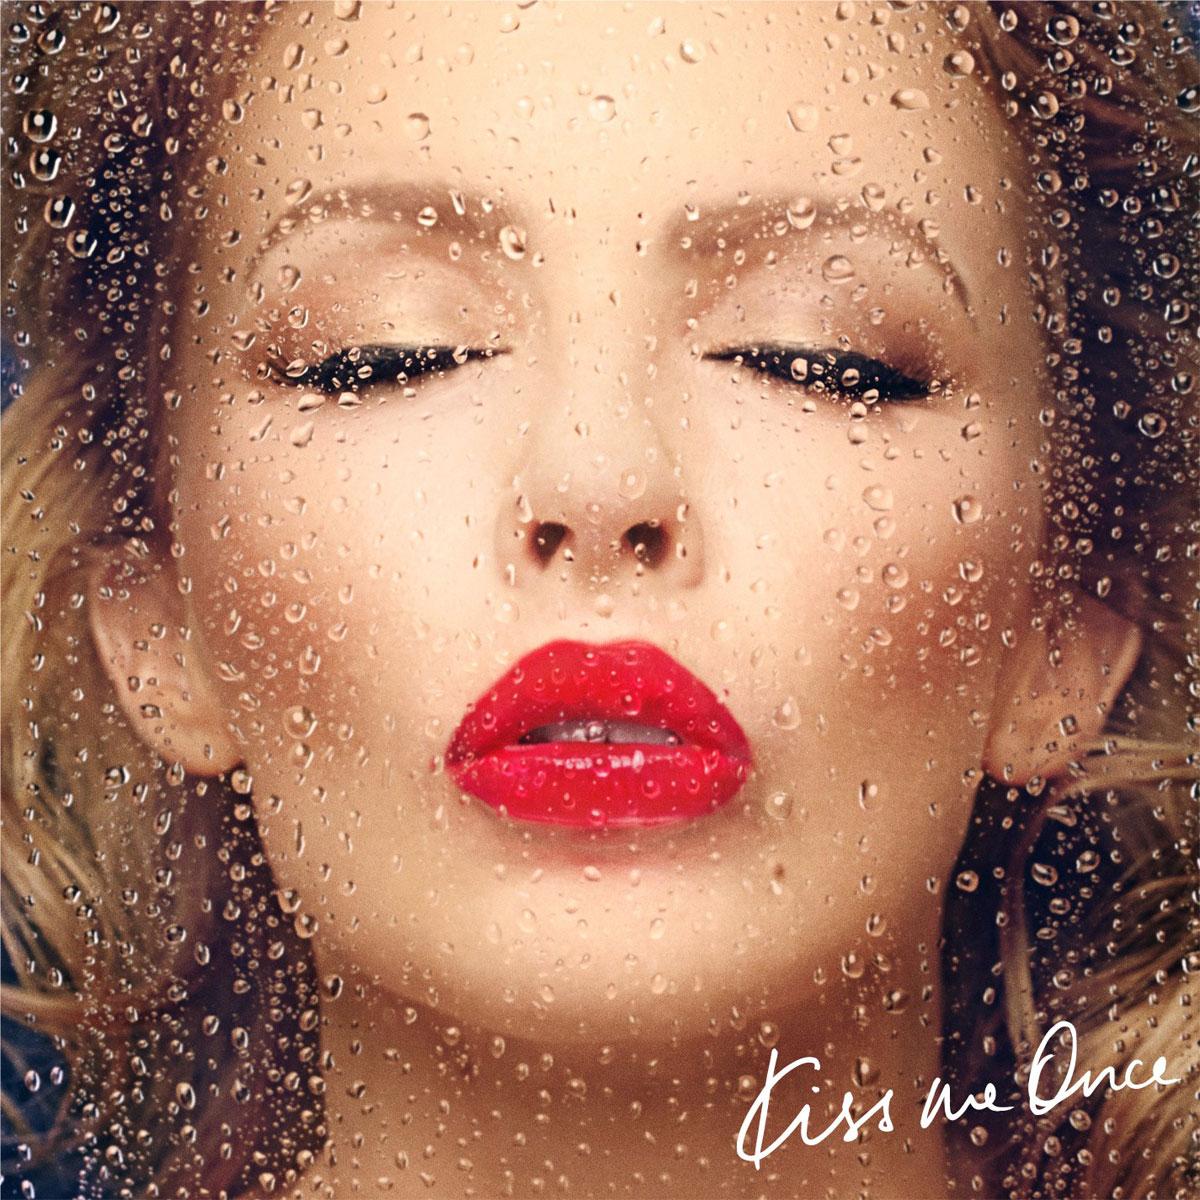 Álbum > Kiss Me Once Kylie_minogue_kiss_me_once-portada